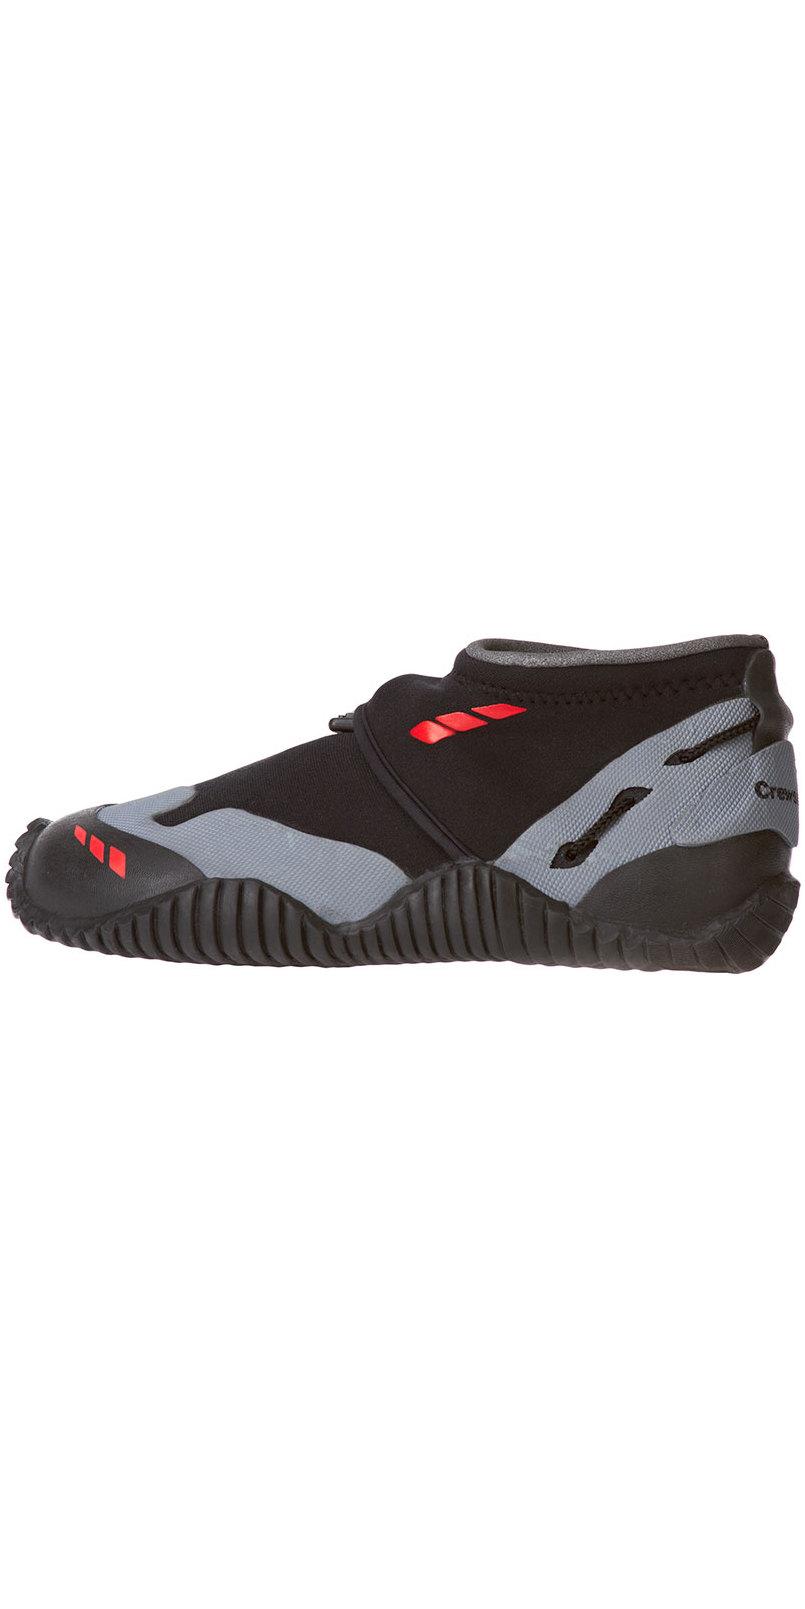 Crewsaver GRANITE Shoe em Preto 4572